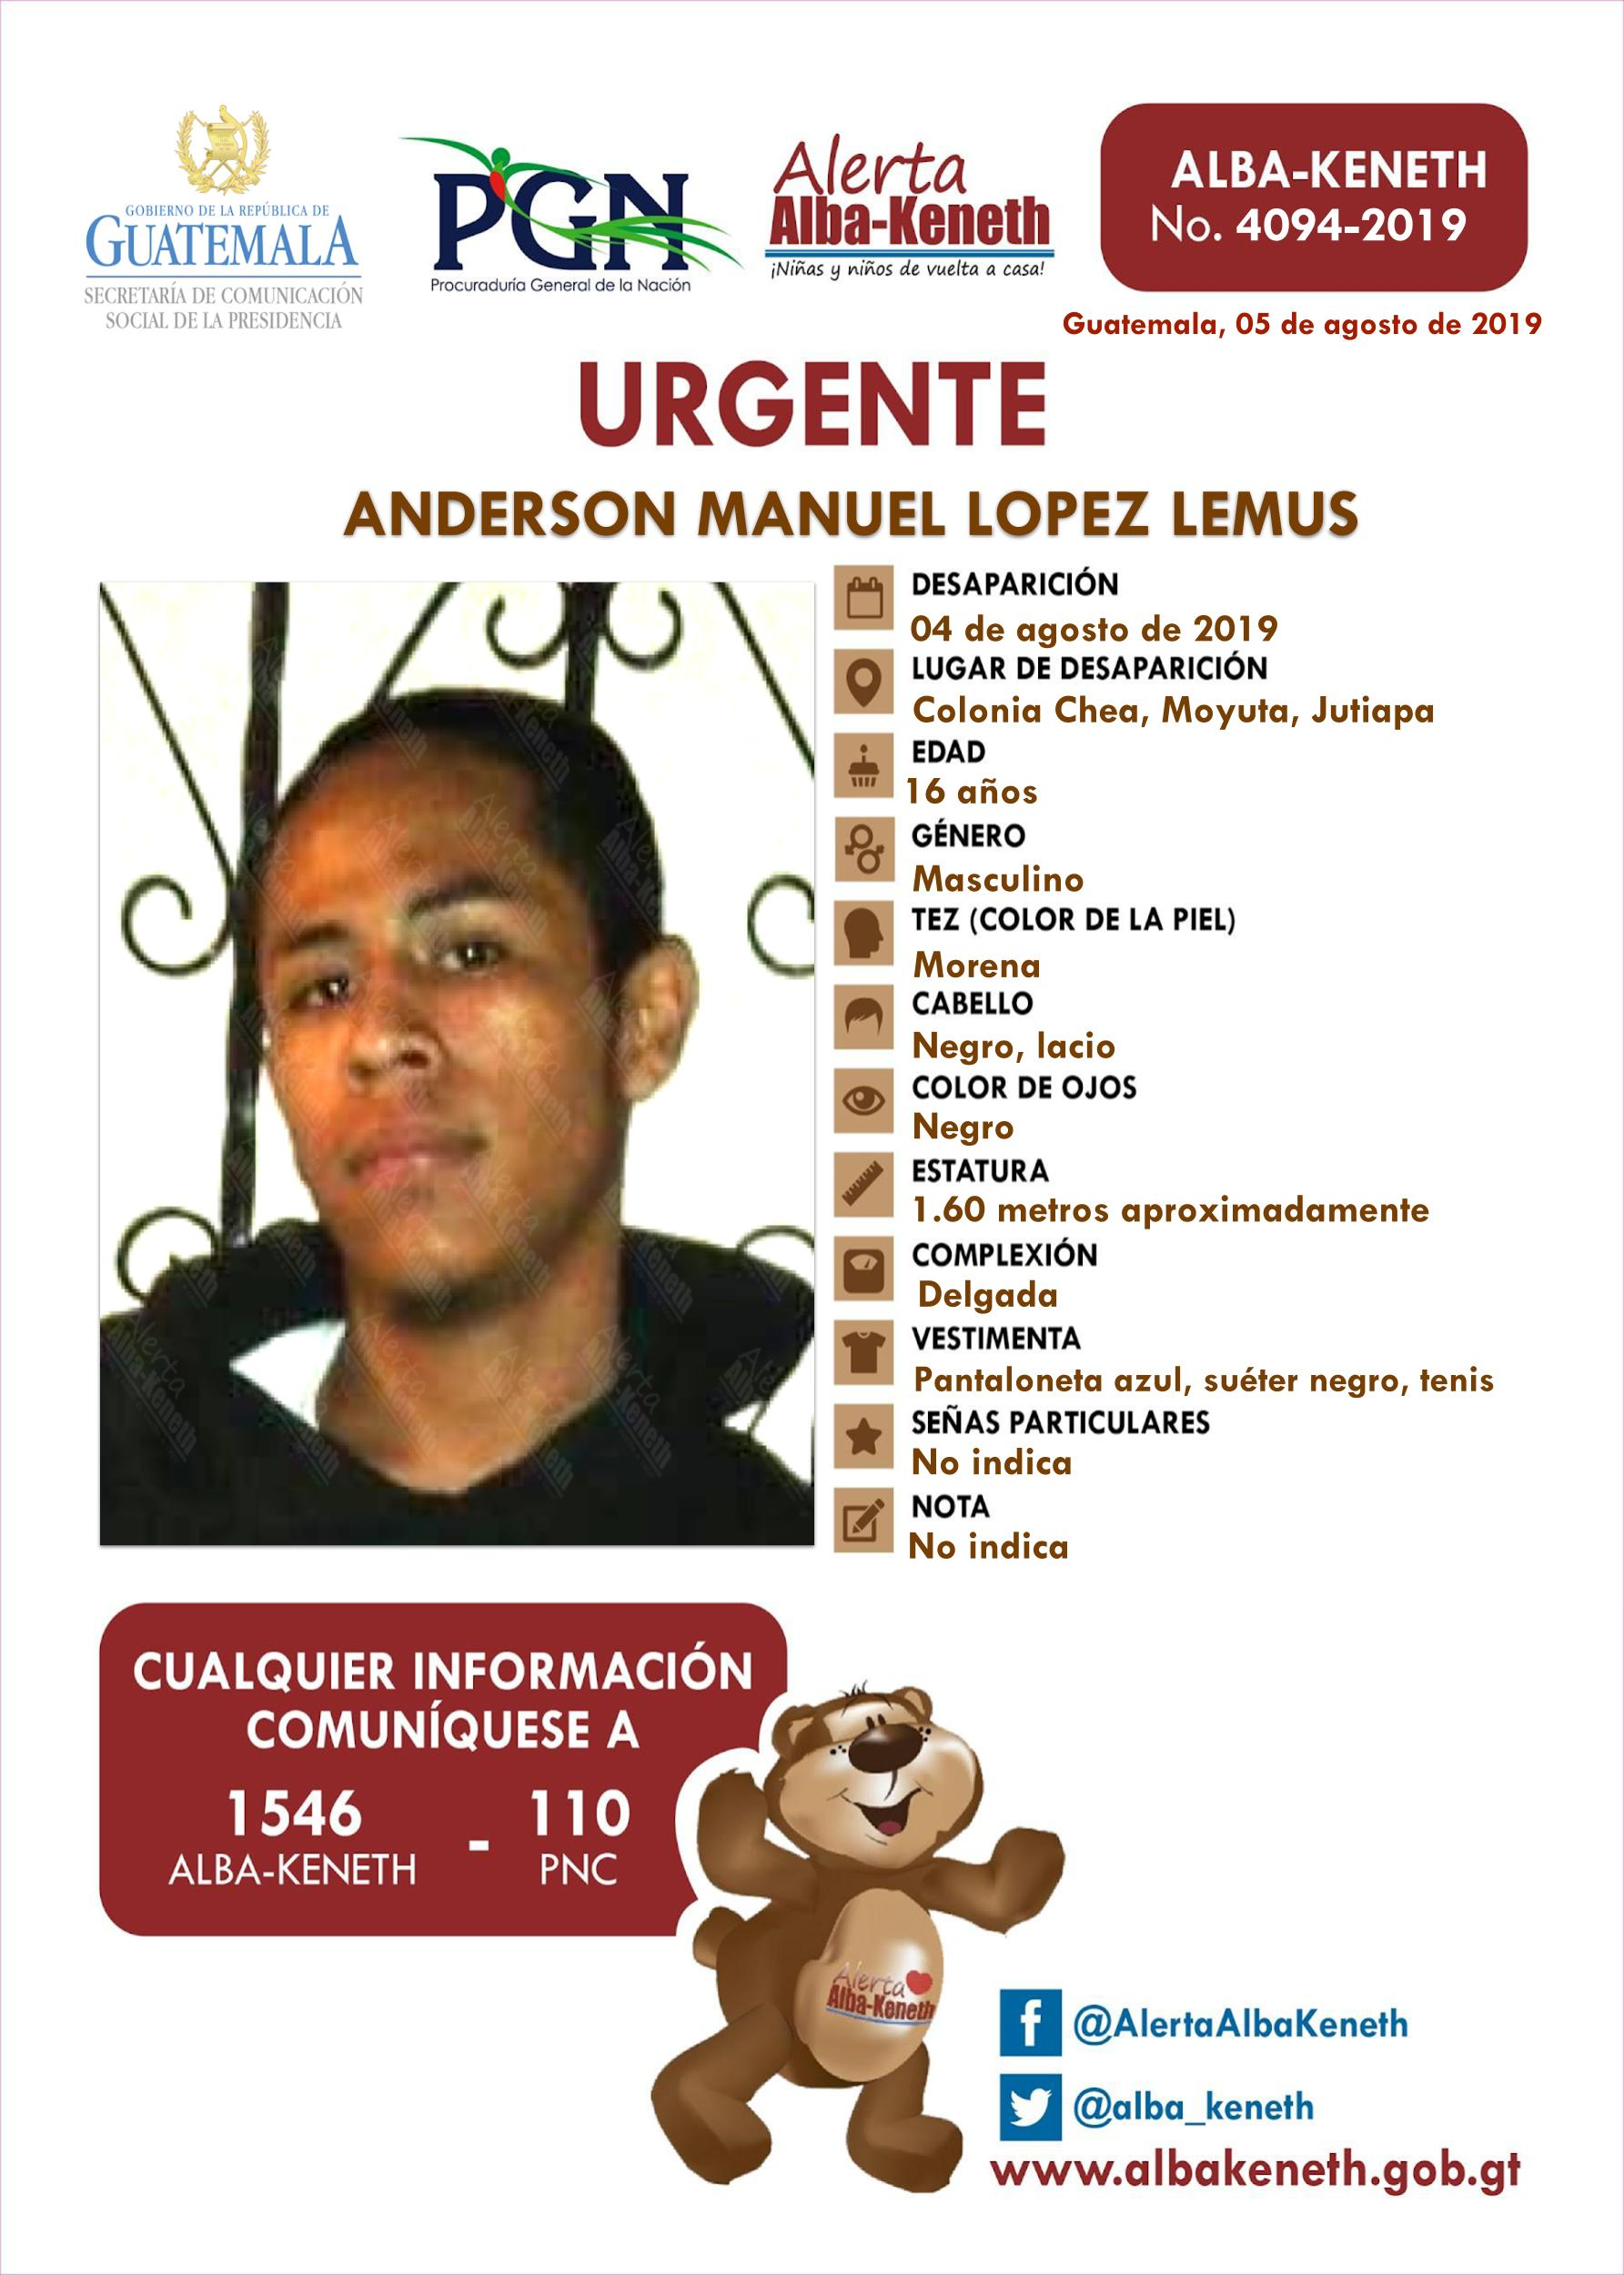 Anderson Manuel Lopez Lemus